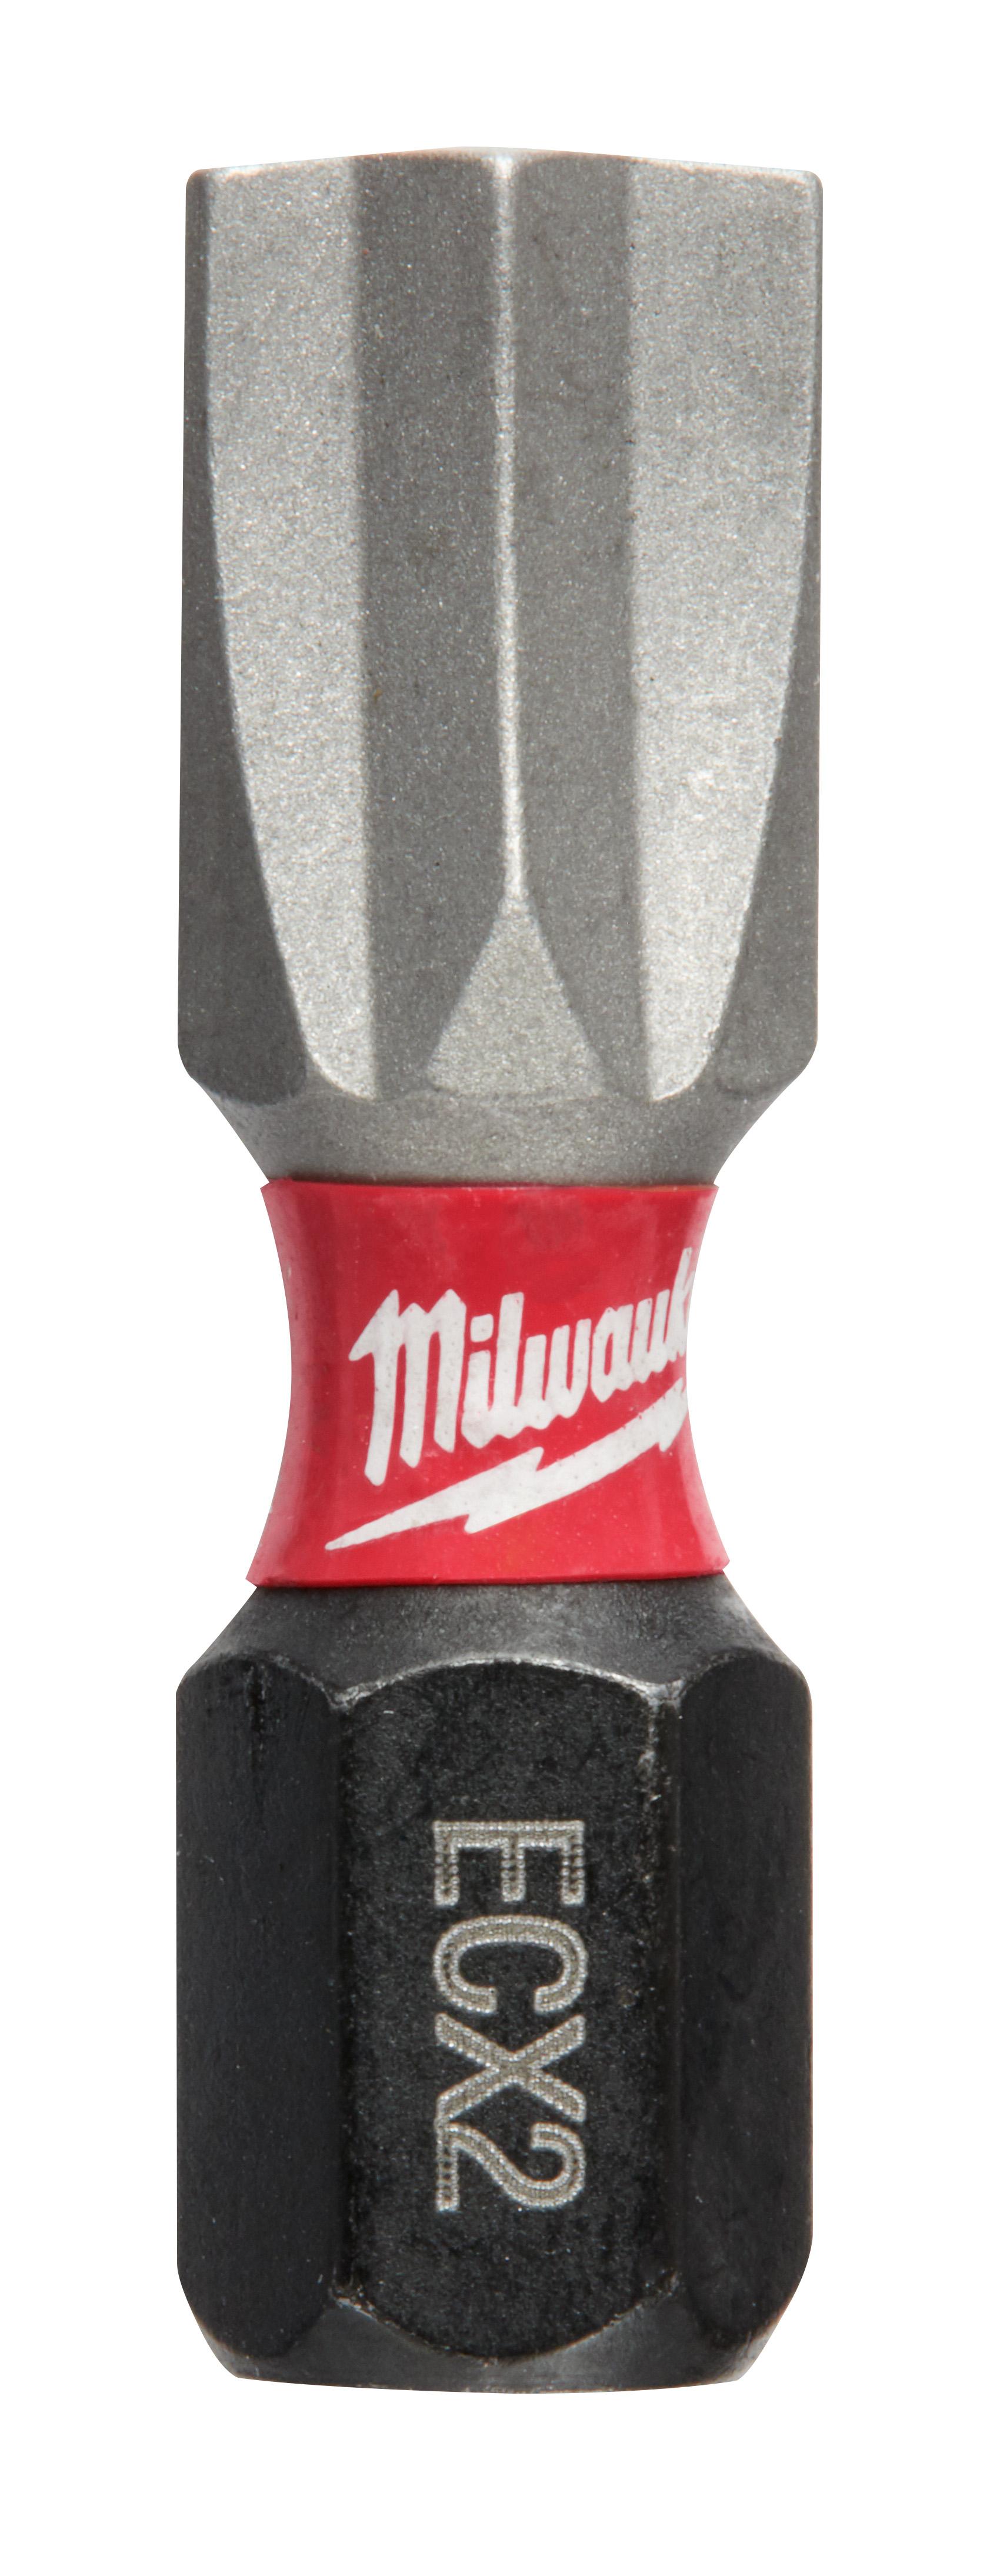 Milwaukee® SHOCKWAVE™ 48-32-4742 Impact Insert Bit, #2 ECX™ Point, 1/4 in, Steel